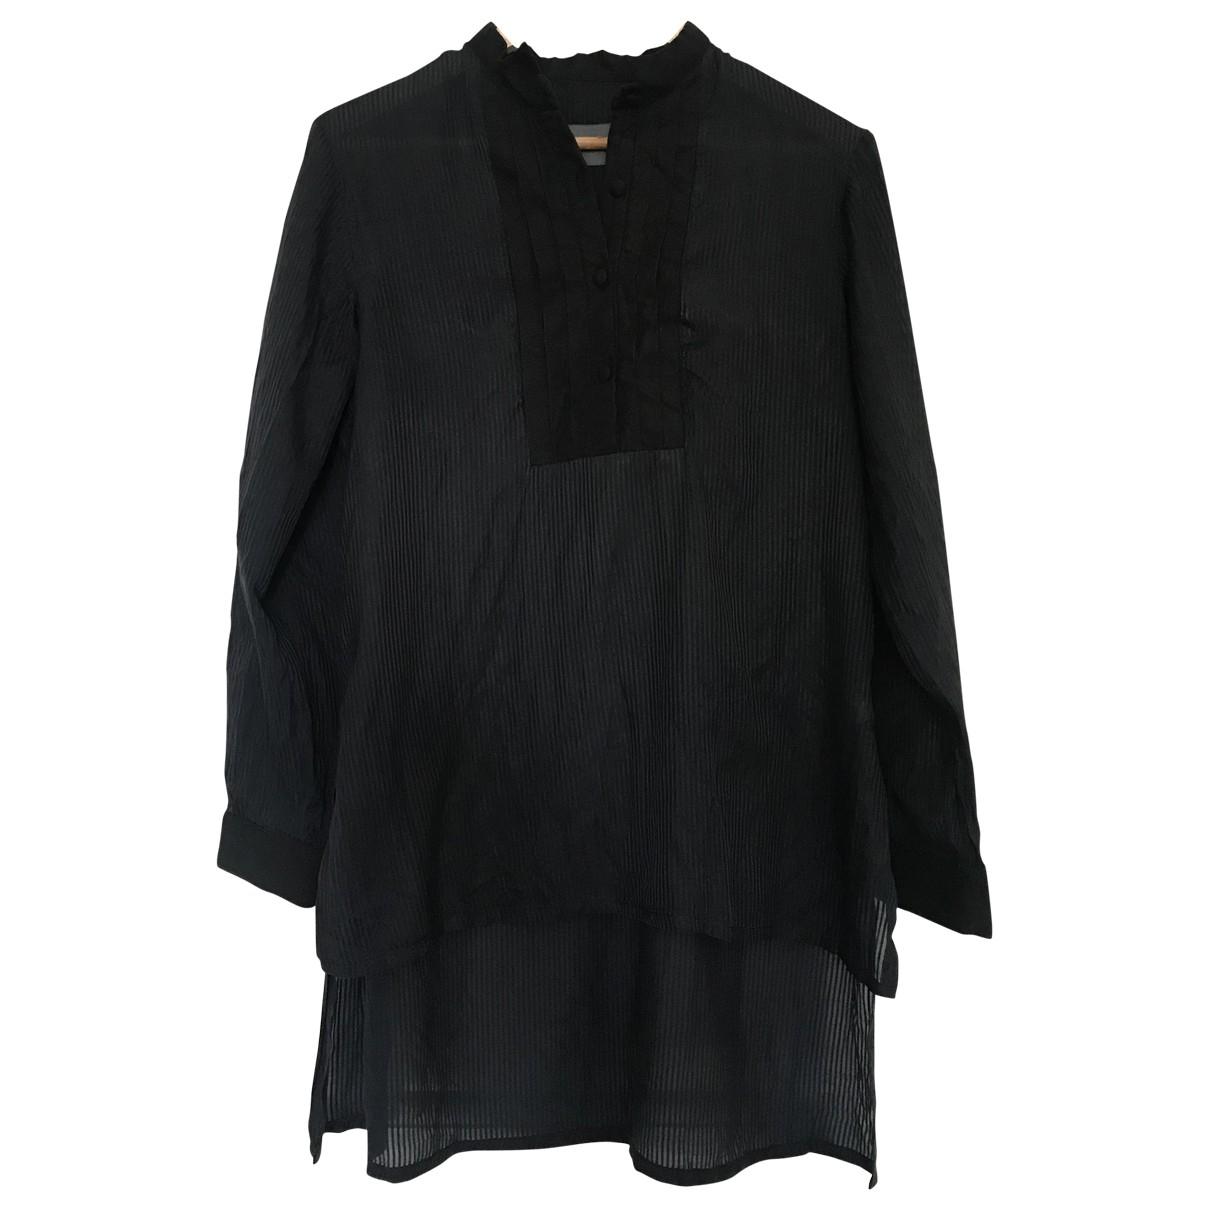 Antipodium \N Black Cotton  top for Women 10 UK